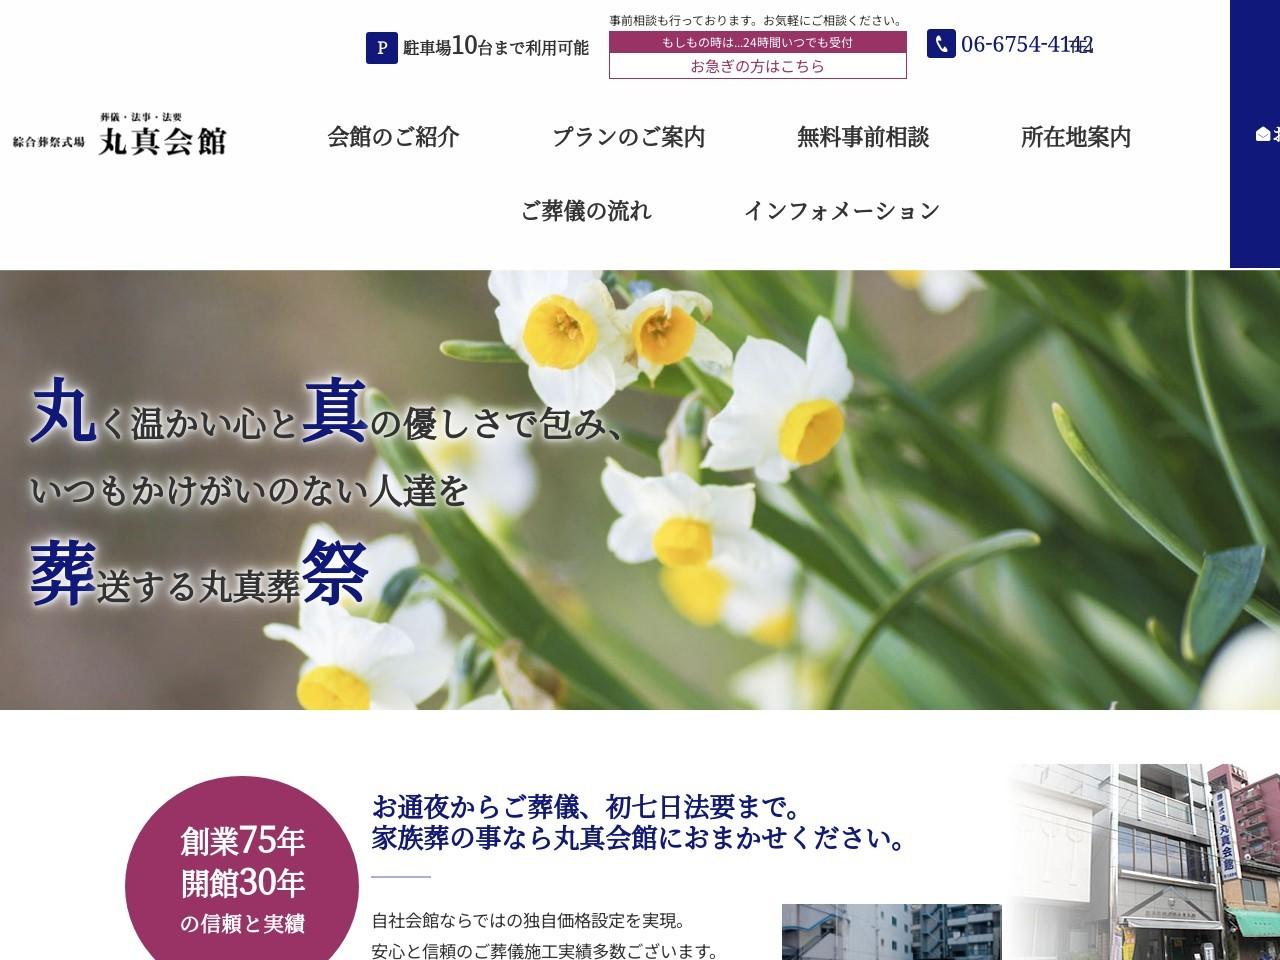 大阪市生野区での葬儀・家族葬は丸真葬祭の丸真会館